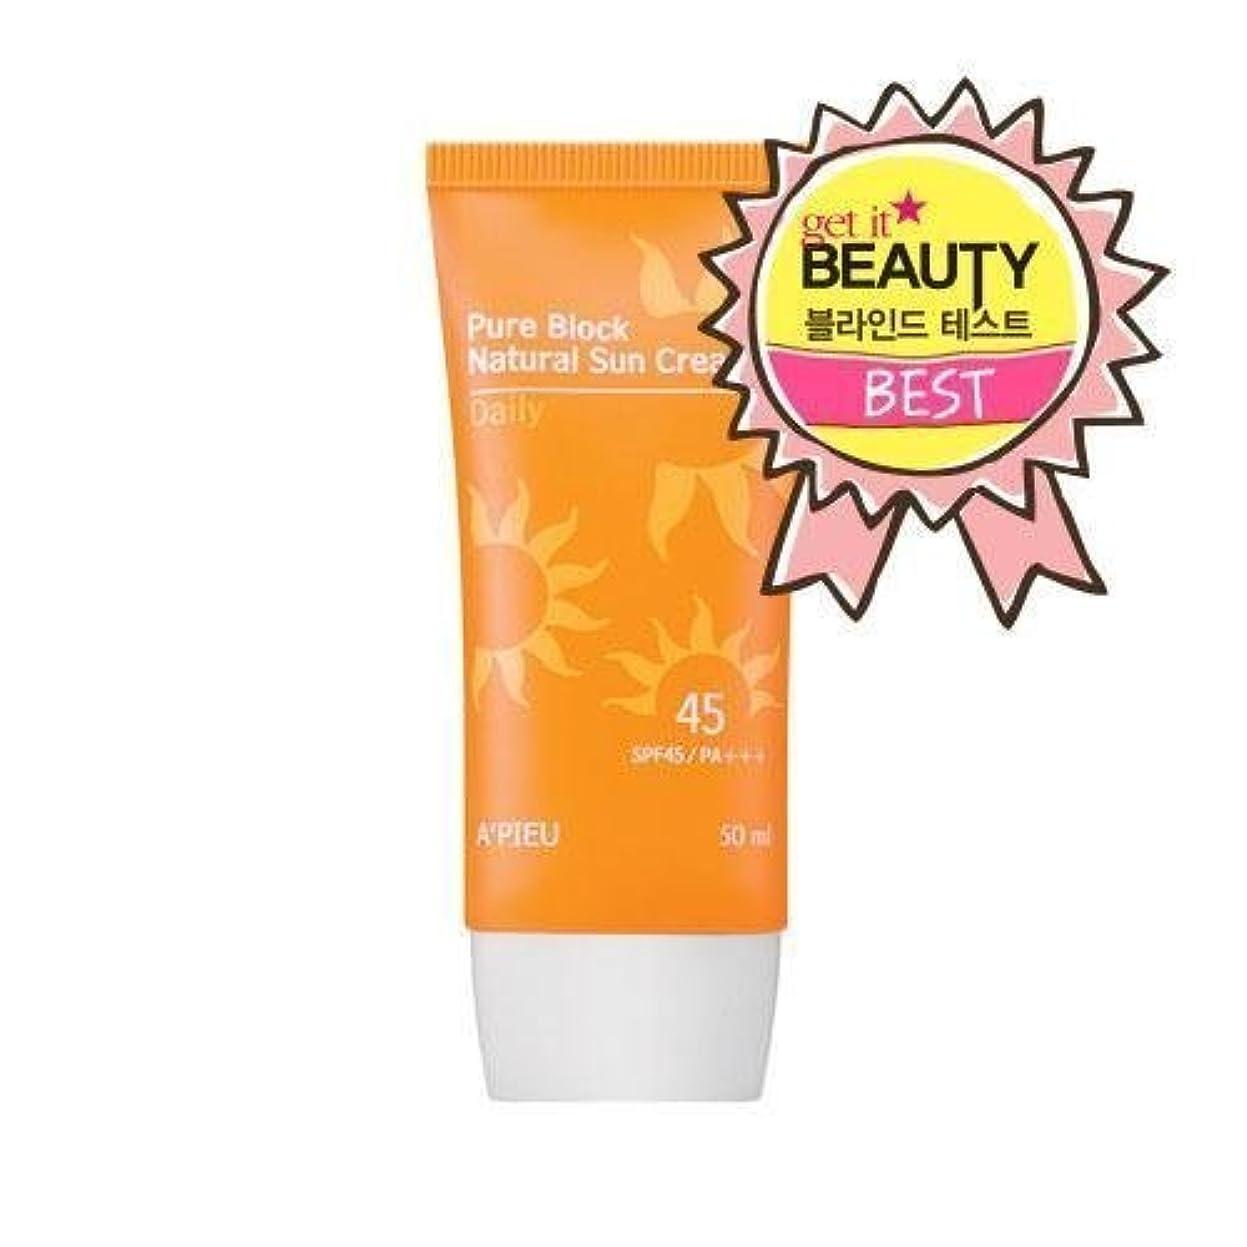 ビームホールド高齢者APIEU Pure Natural Daily Sun Cream (SPF45/PA+++)/ Made in Korea